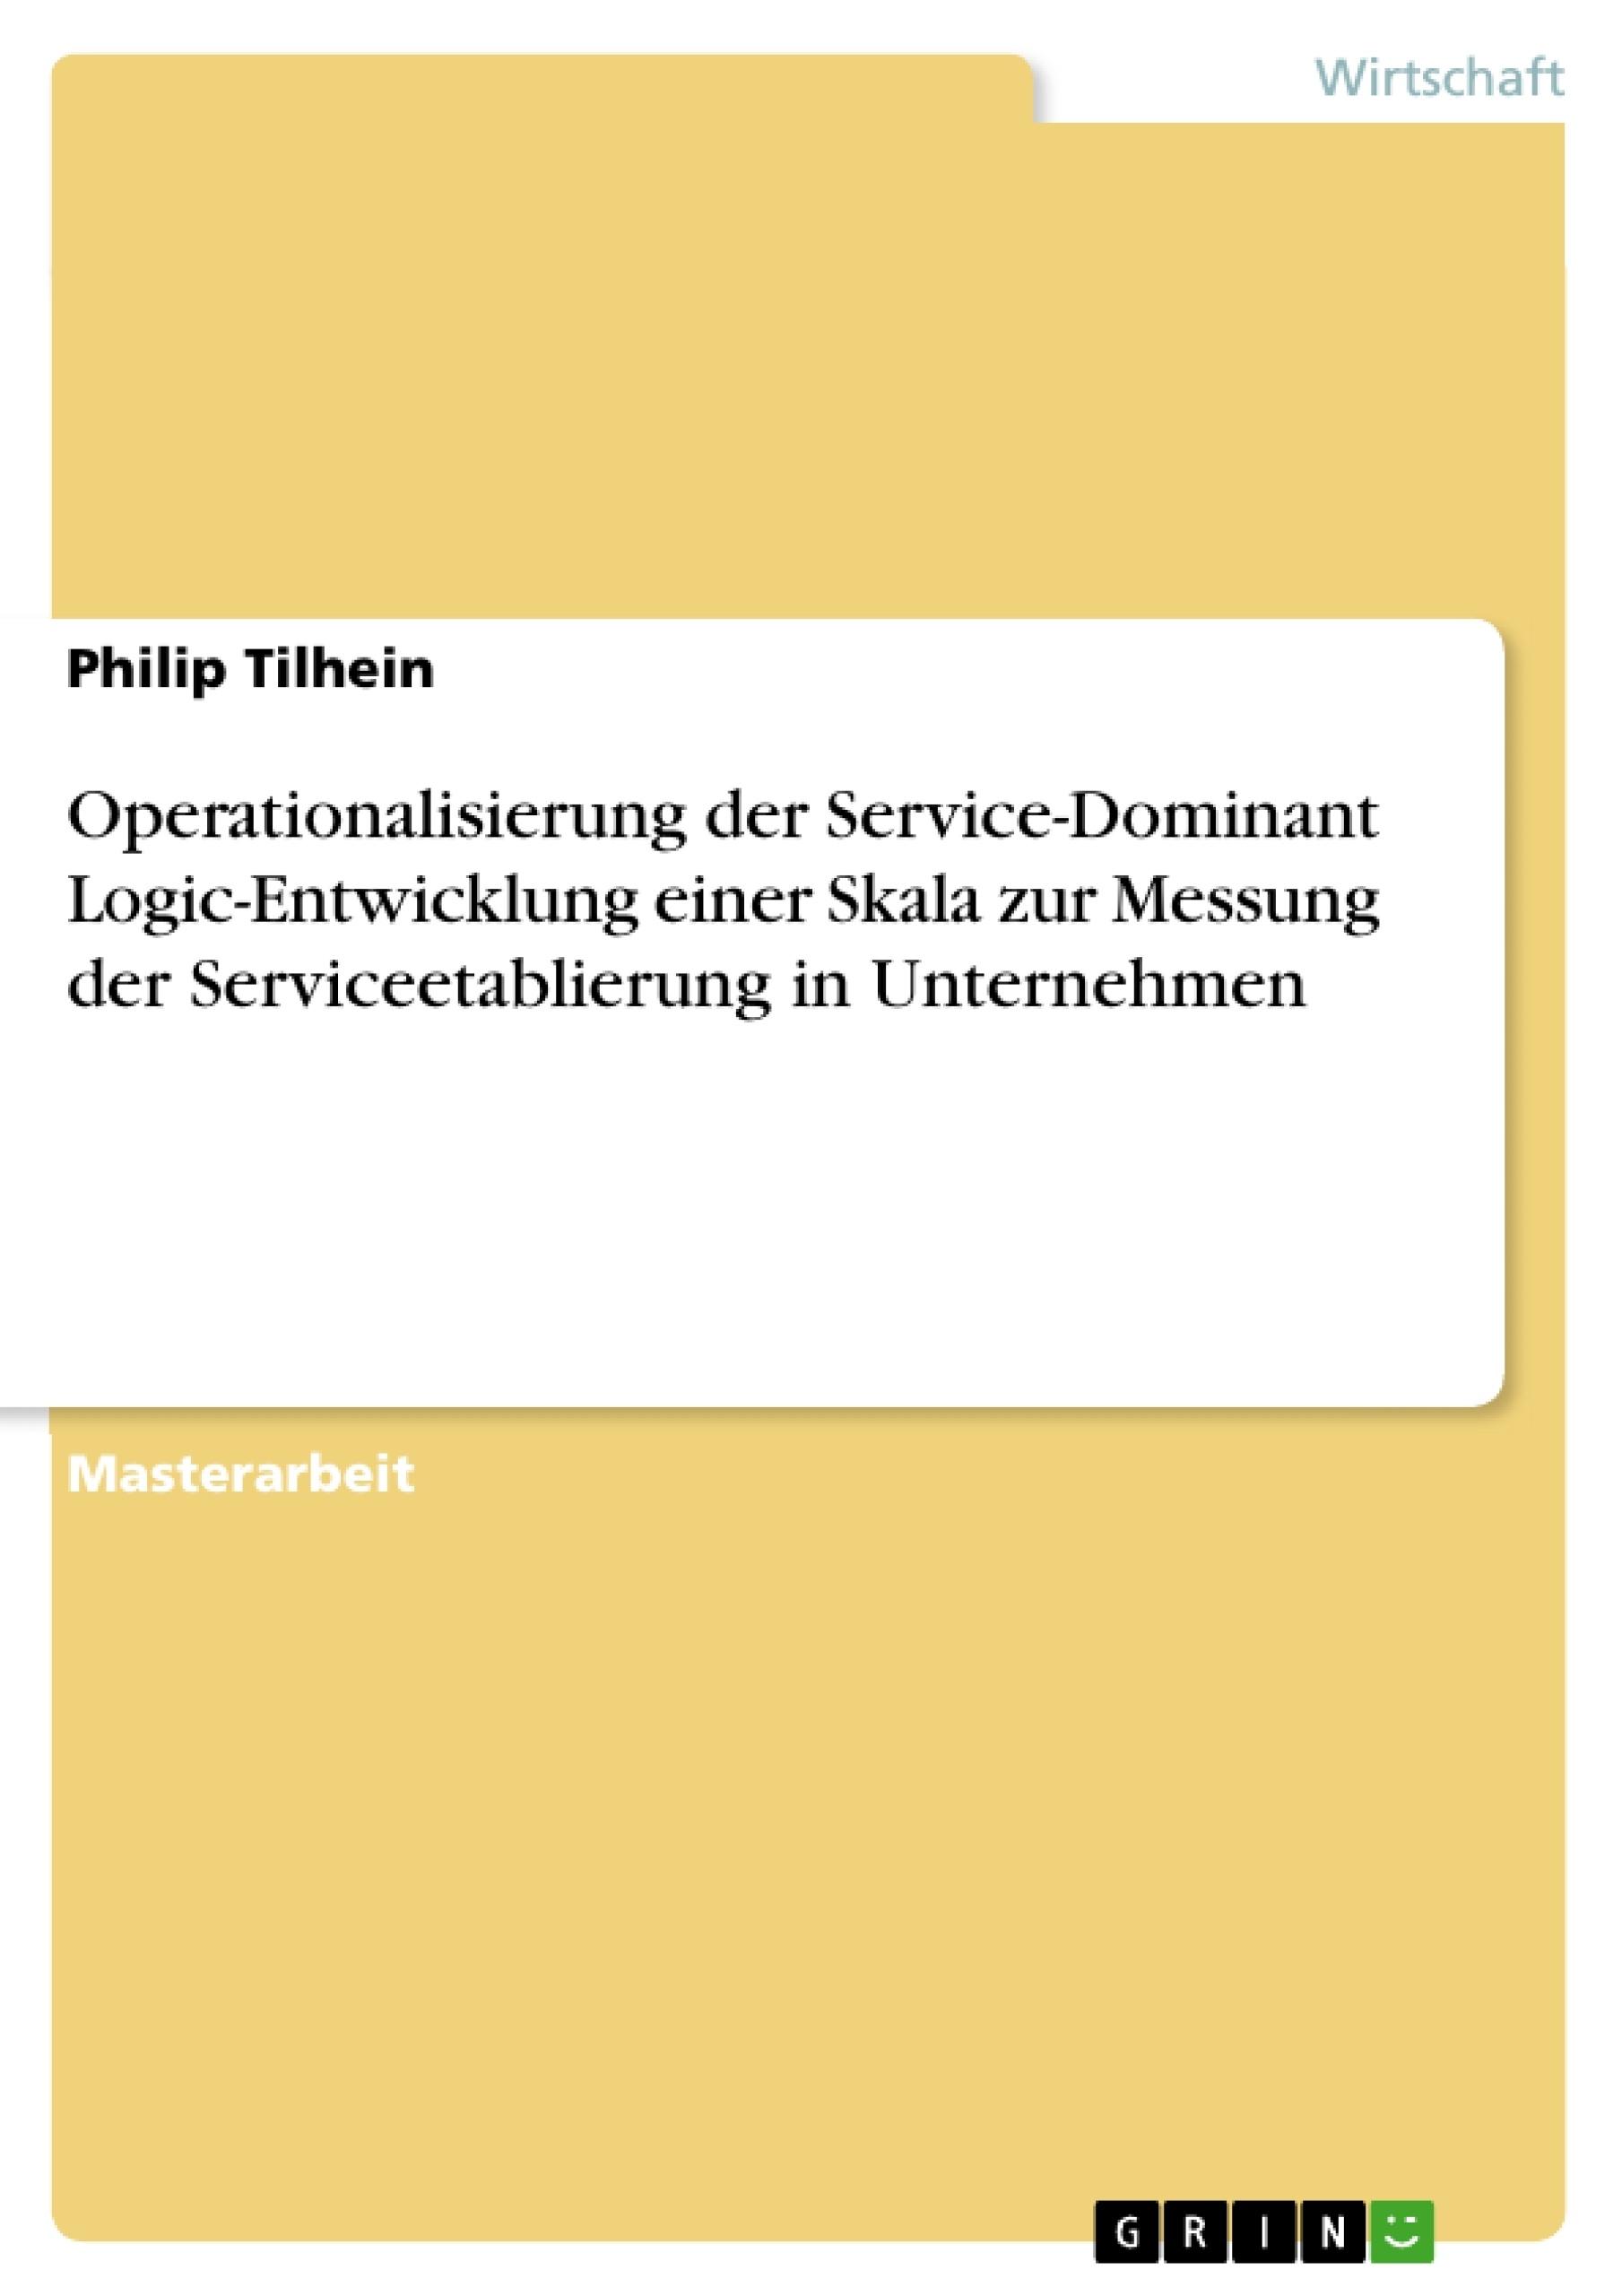 Titel: Operationalisierung der Service-Dominant Logic-Entwicklung einer Skala zur Messung der Serviceetablierung in Unternehmen